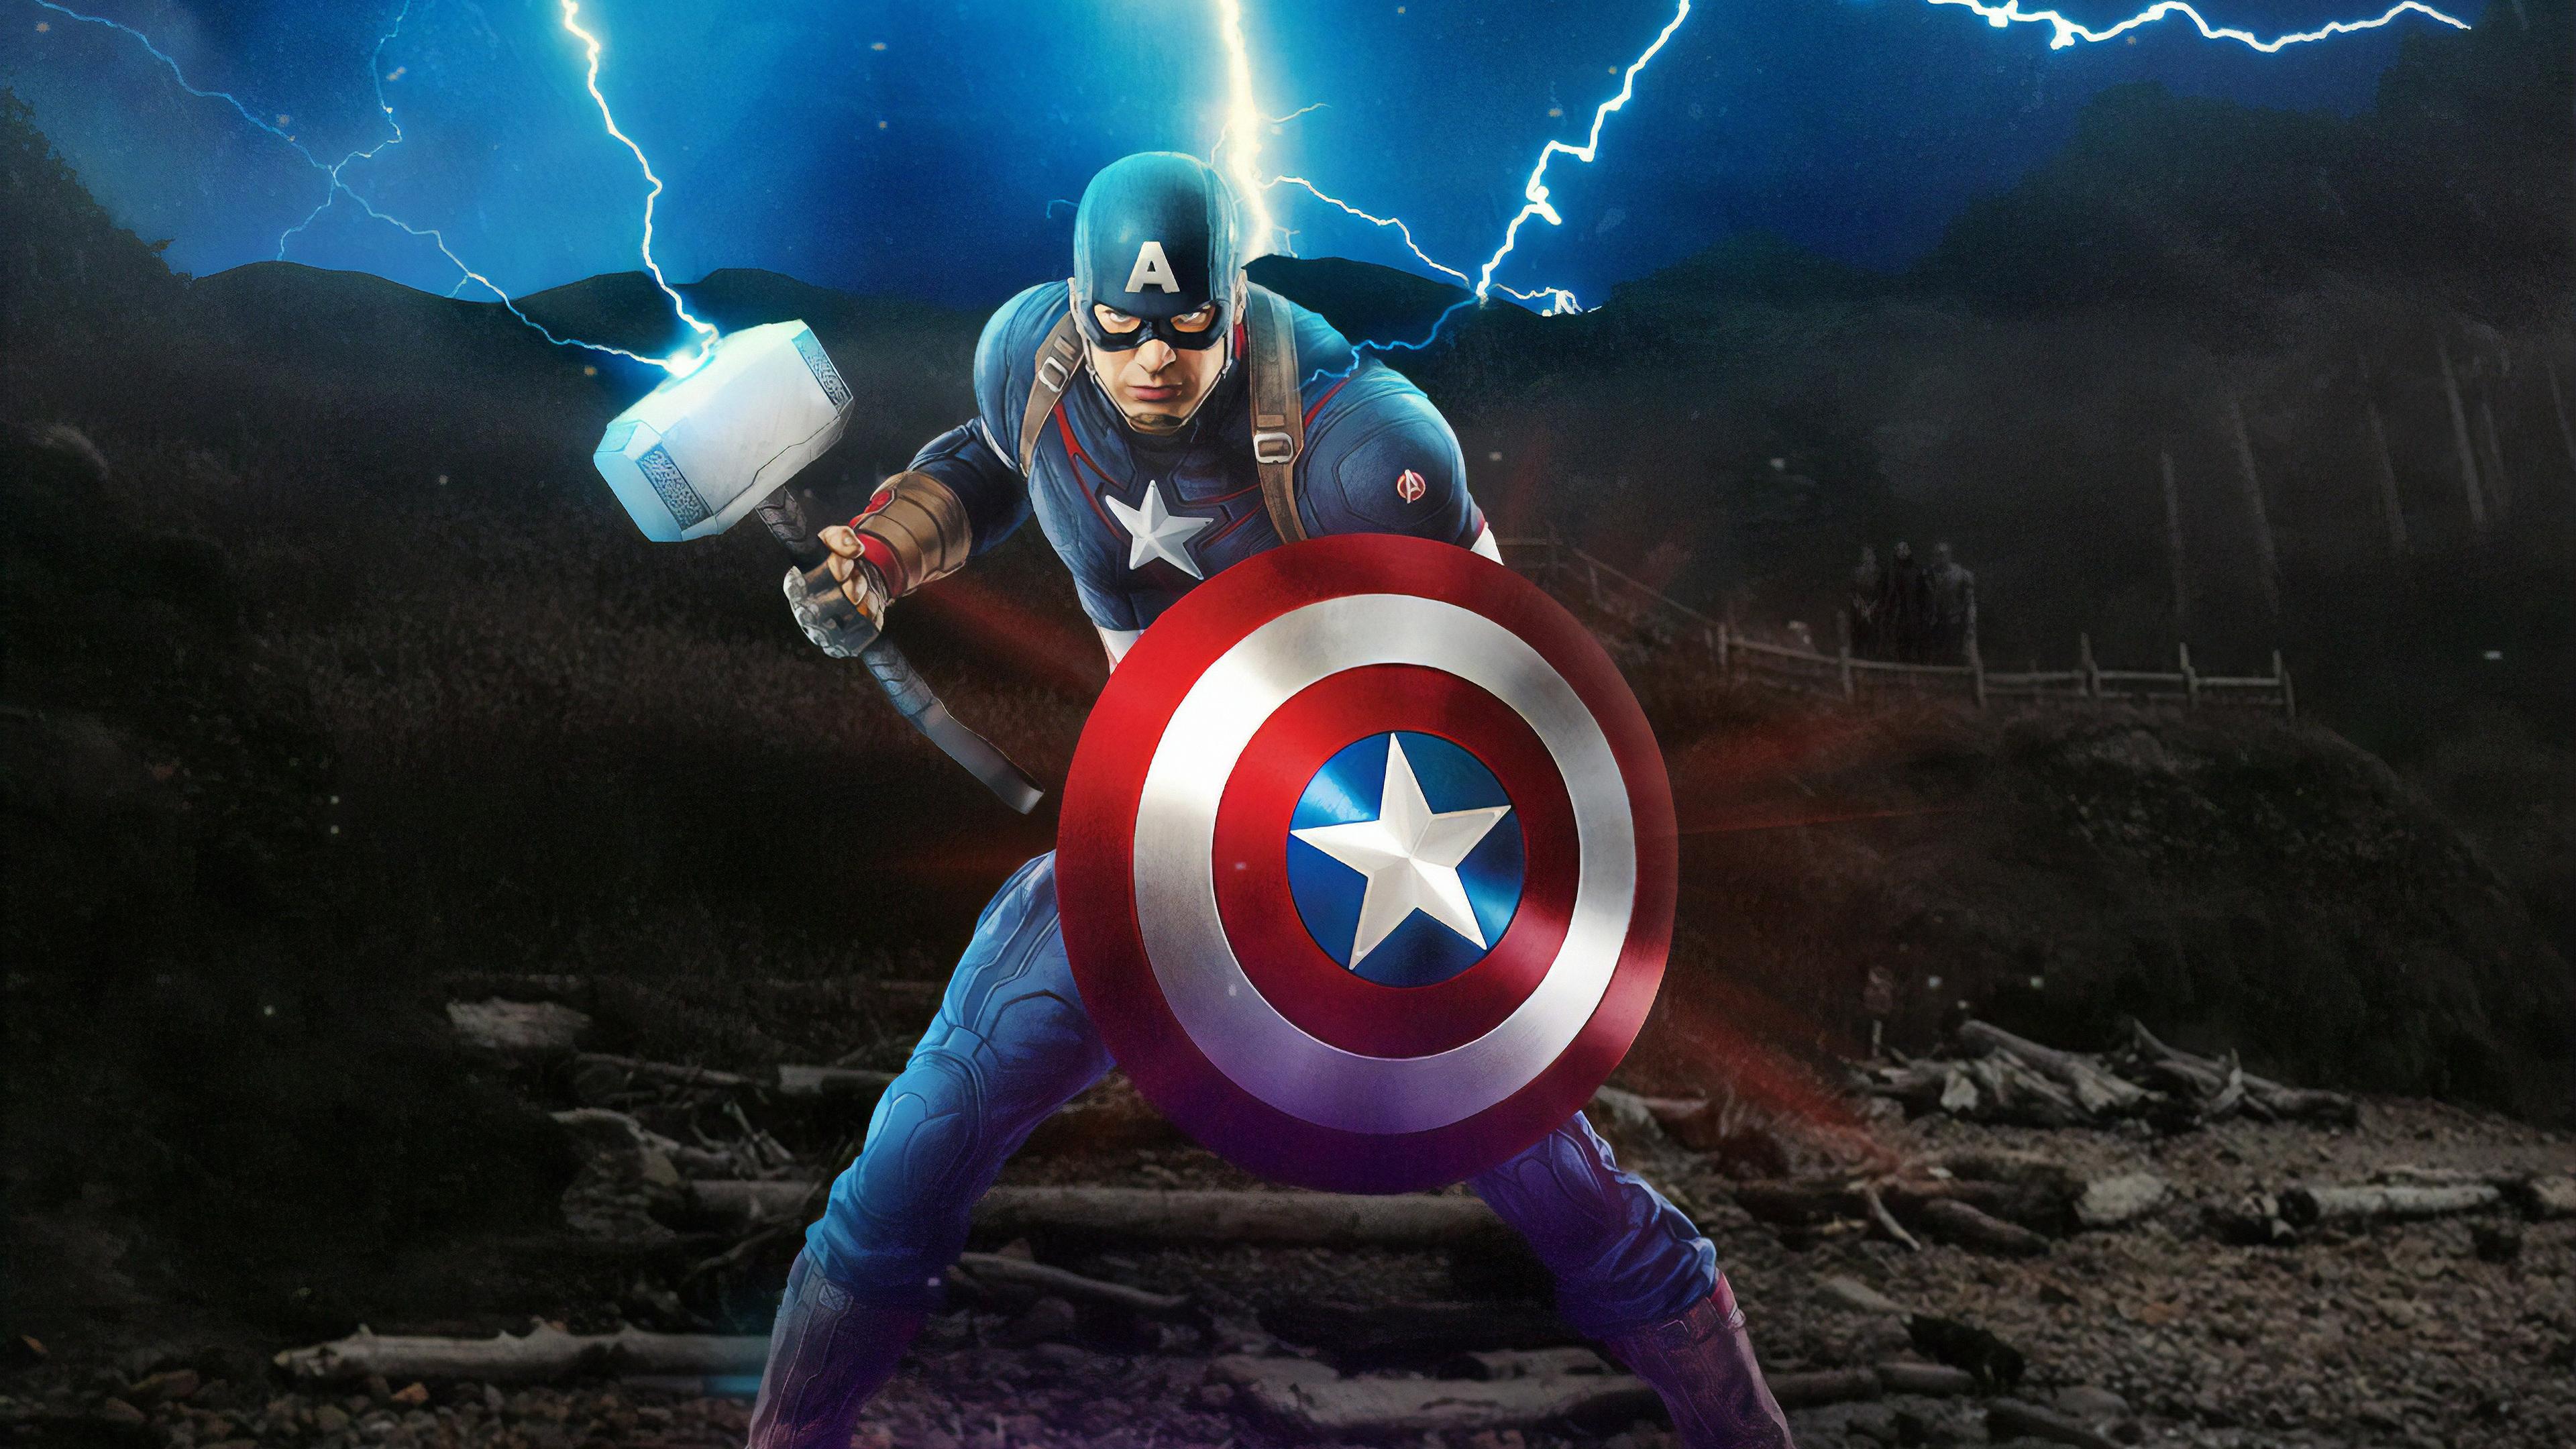 Captain America Mjolnir Avengers Endgame Artwork ...